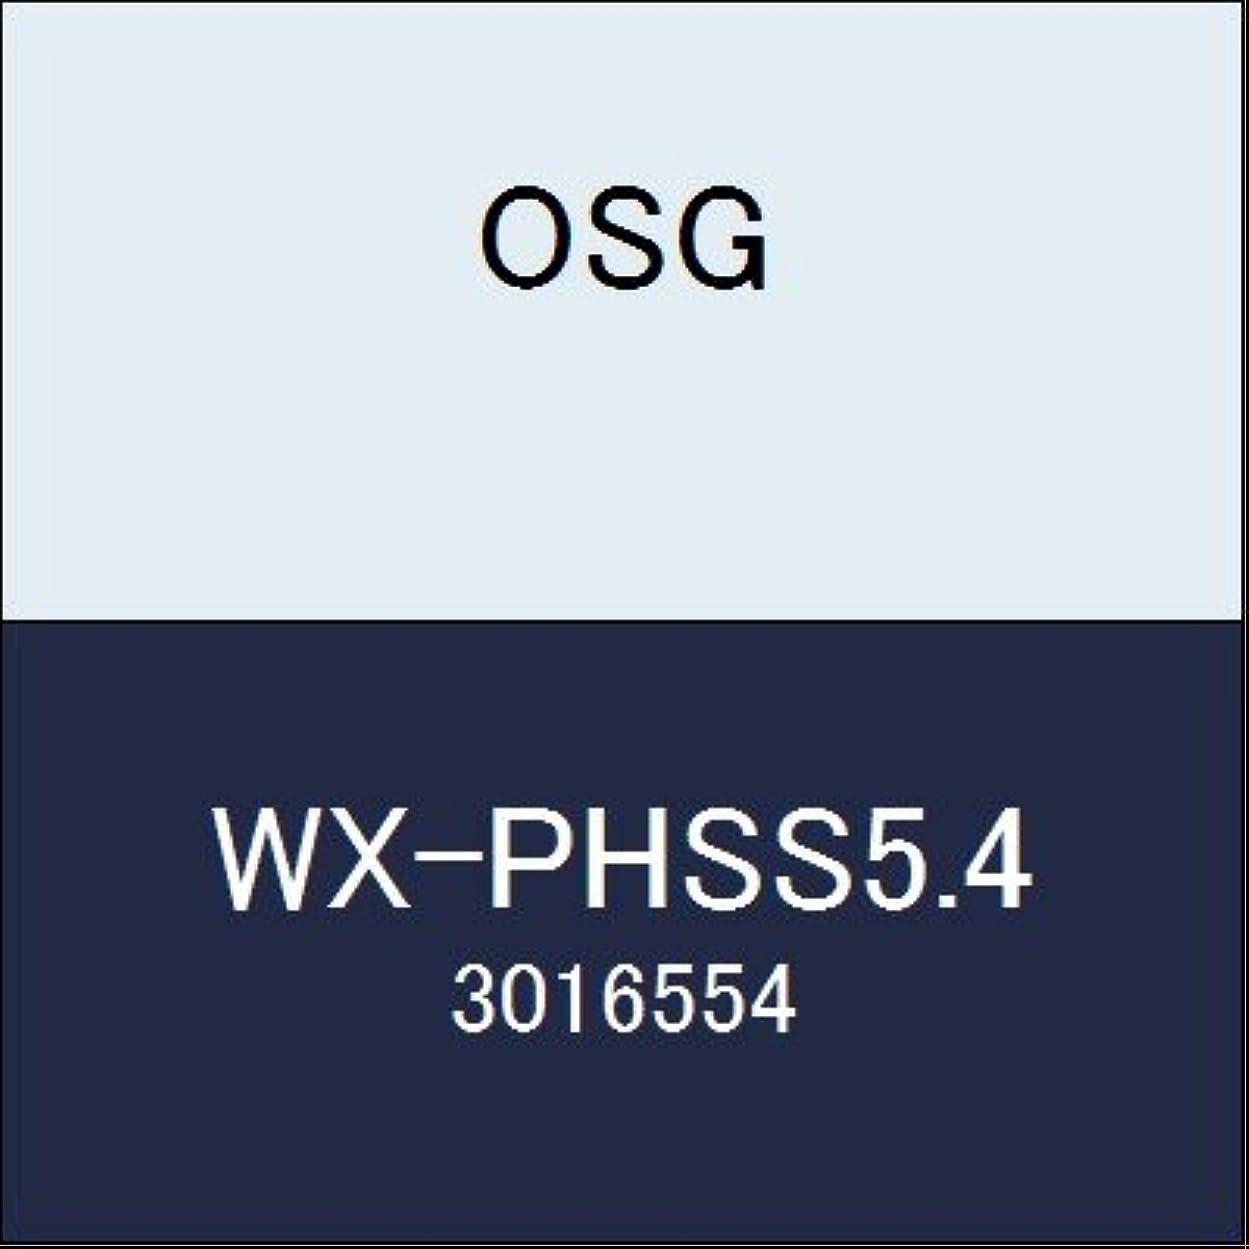 ワイン保護する普遍的なOSG エンドミル WX-PHSS5.4 商品番号 3016554